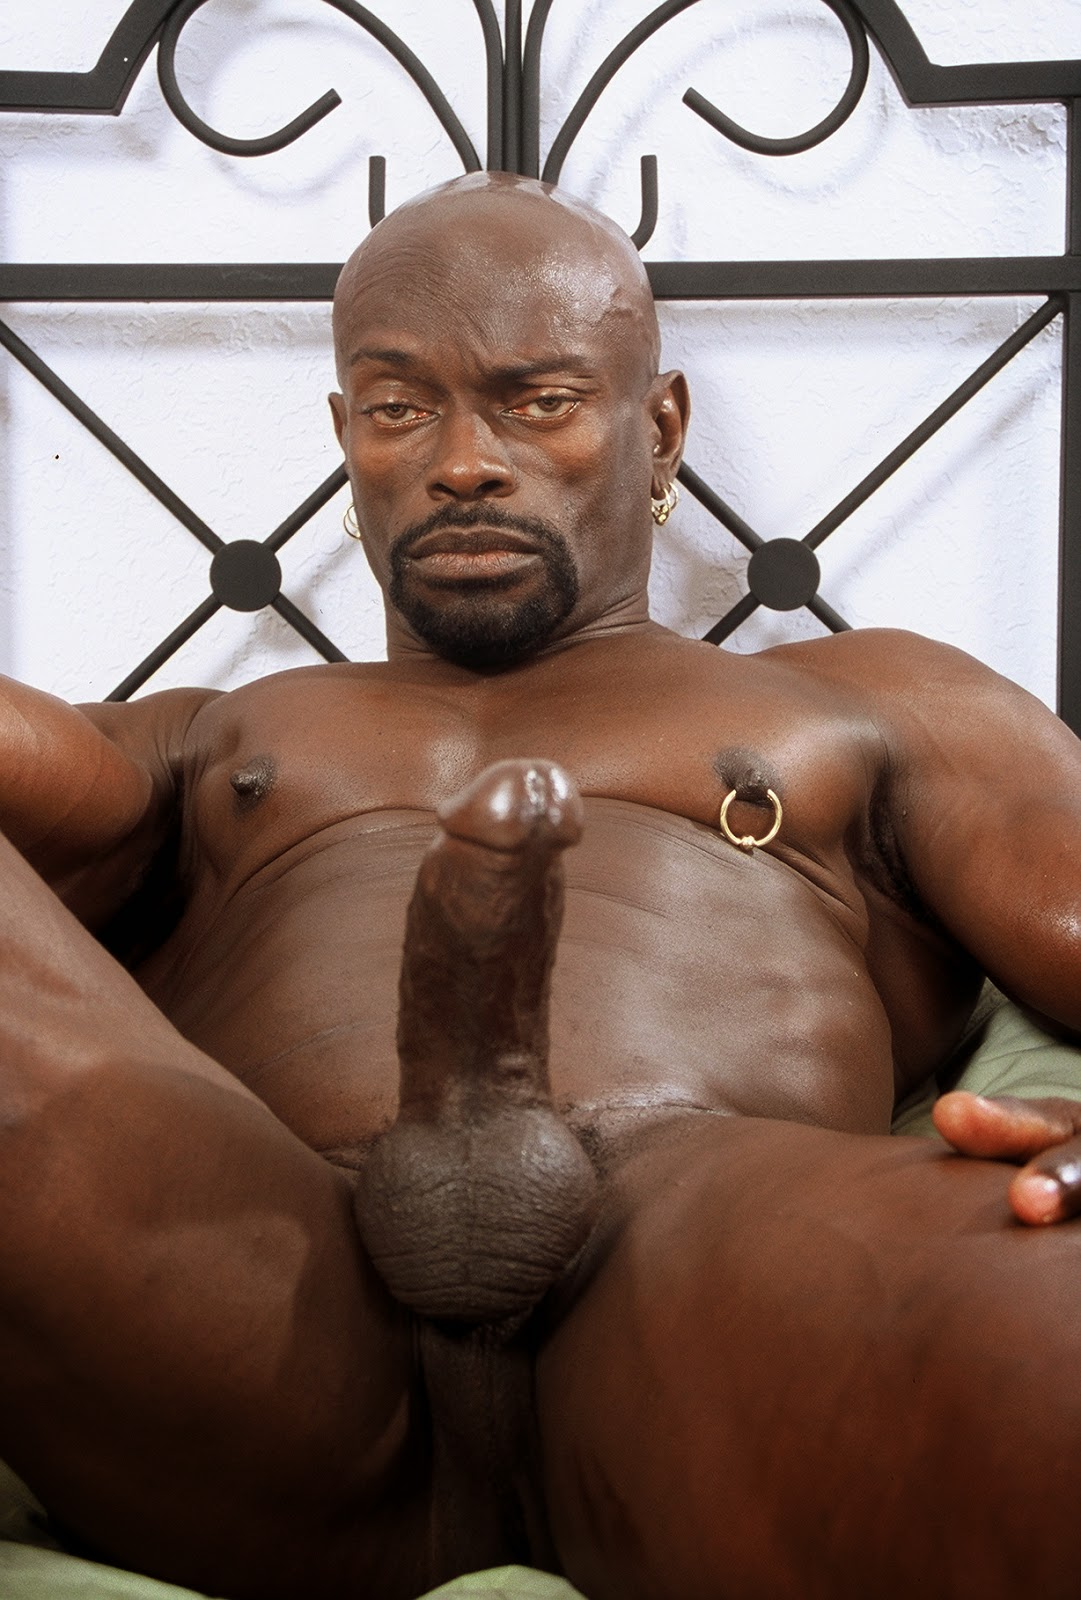 Nigger man black panther meme